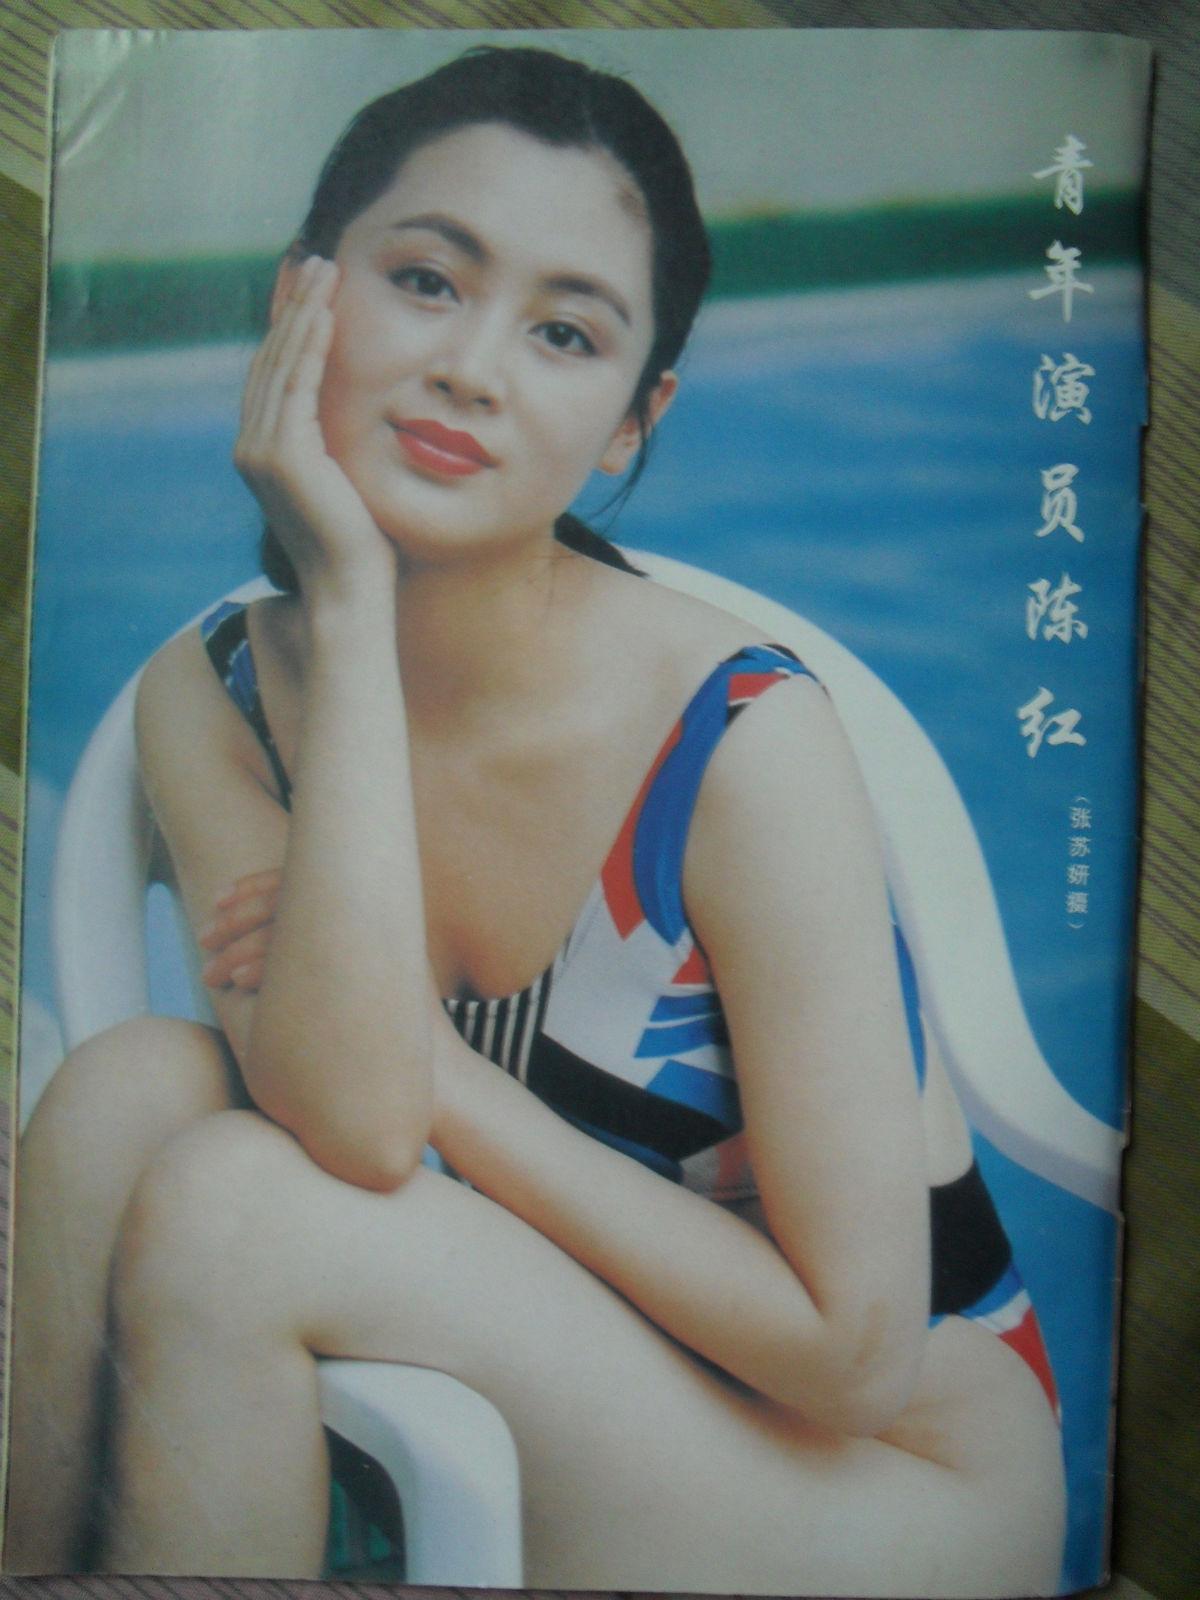 倪萍大姐终于走了